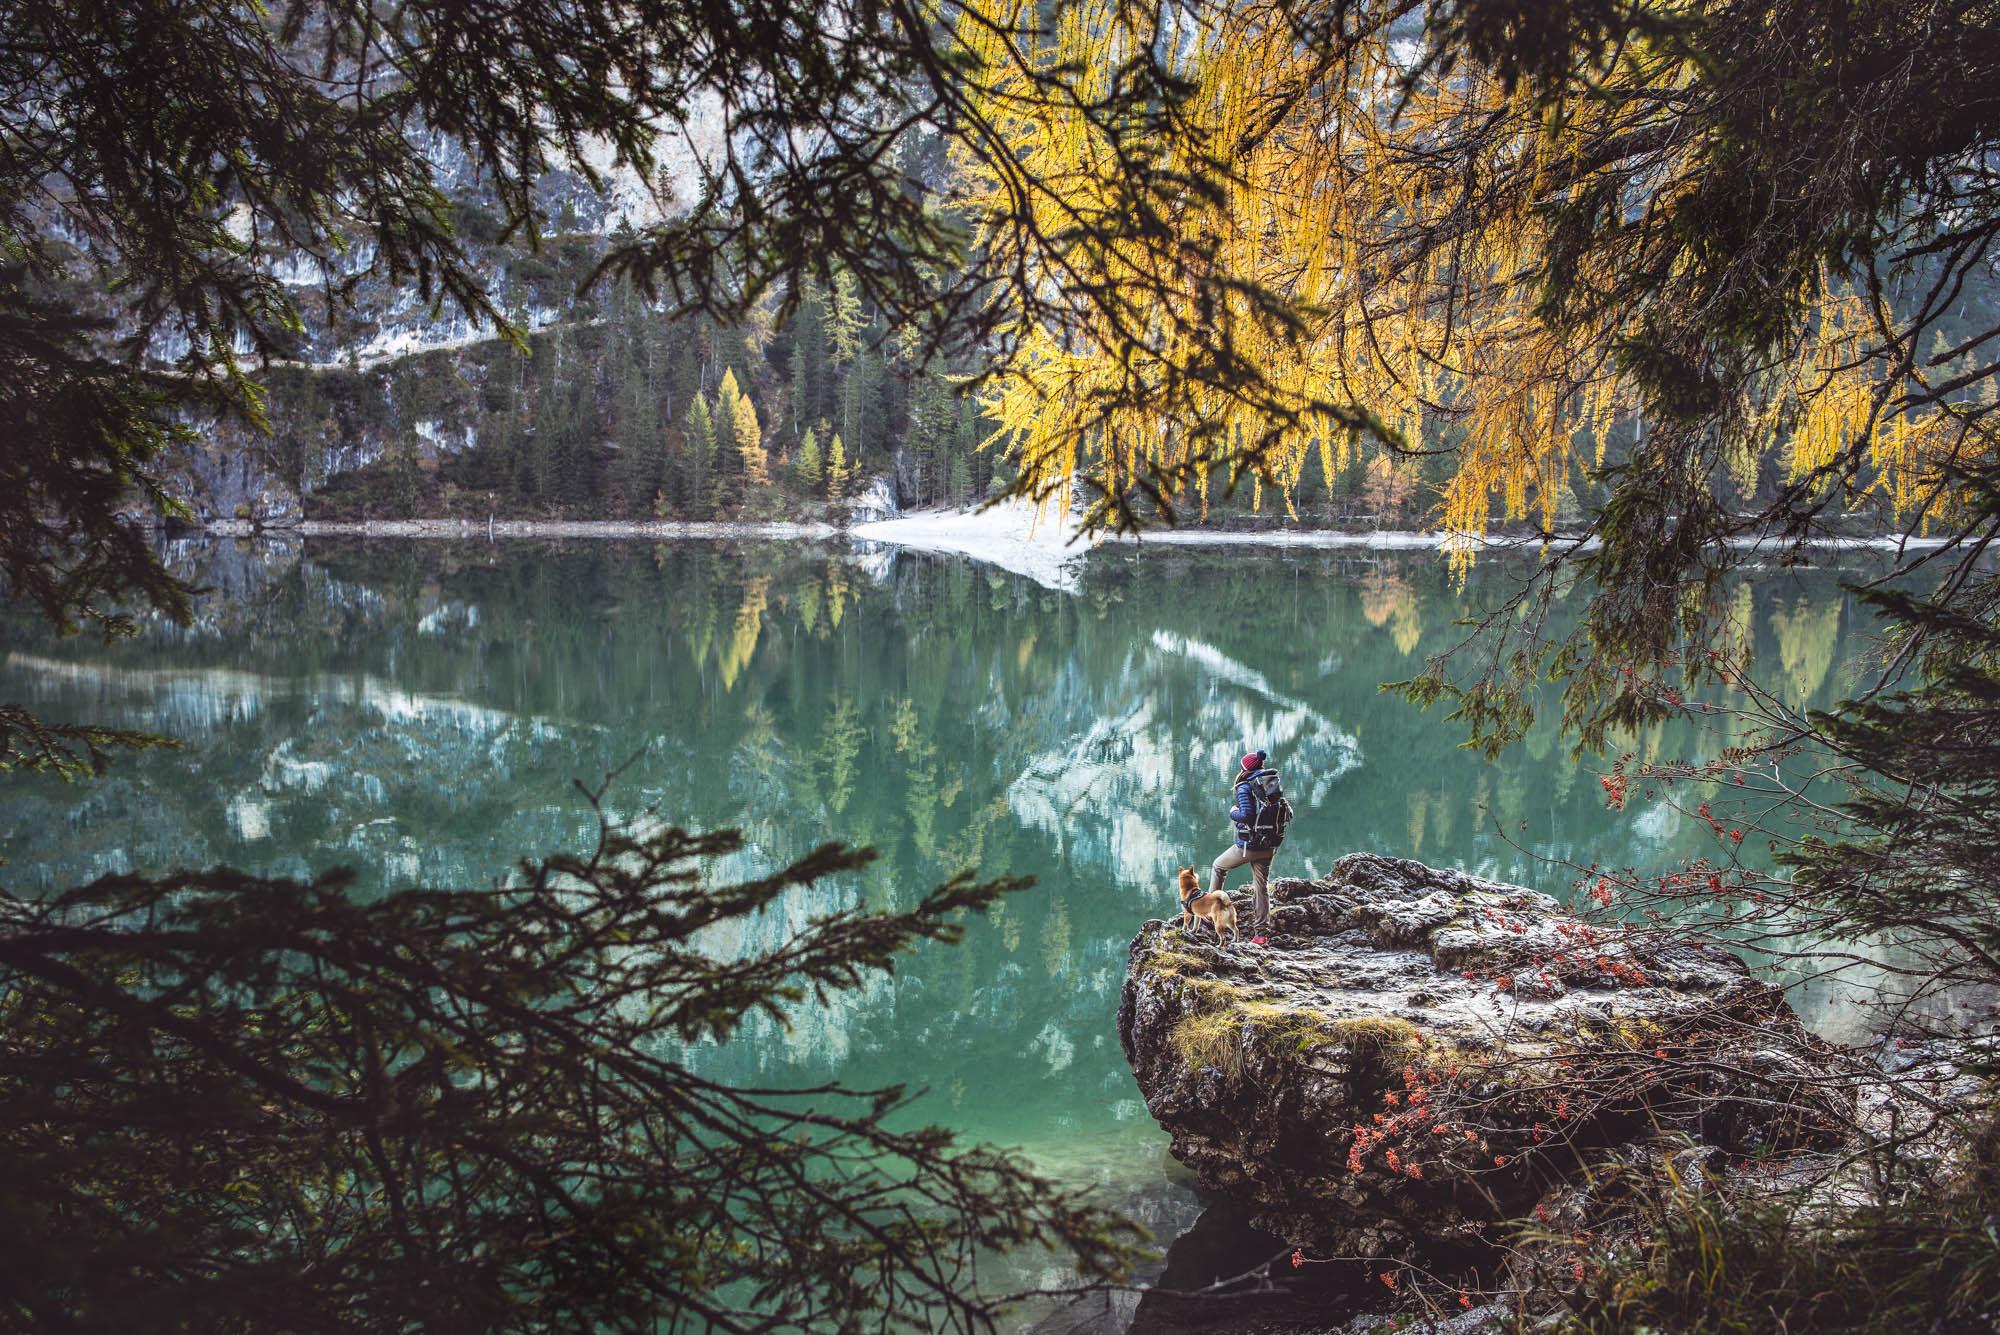 13-1610-02-01-dolomites_06_lago_di_braies-1